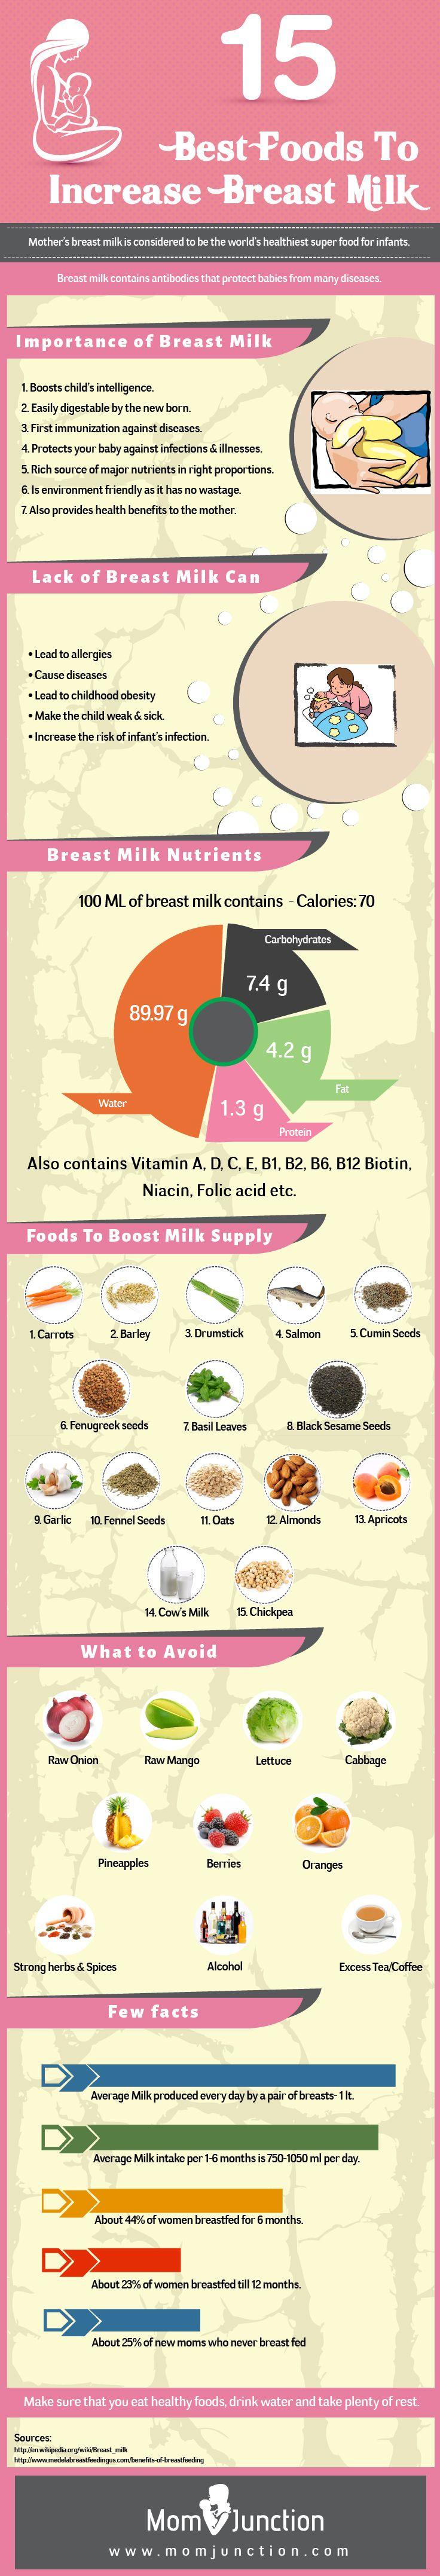 25 Best Foods To Increase Breast Milk-4503